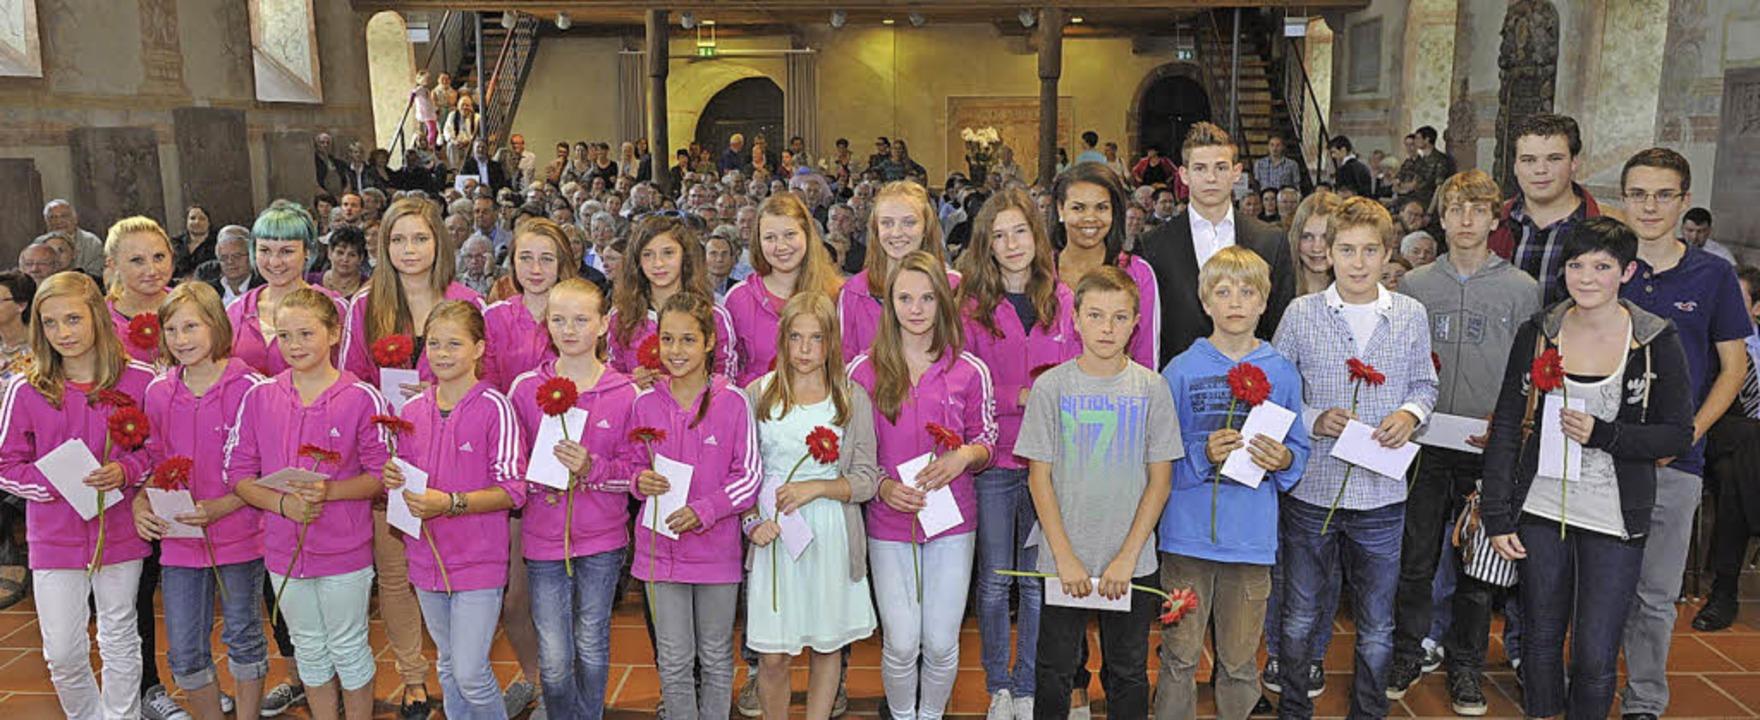 Junge Sportler   wurden für besondere  Leistungen geehrt.  | Foto: volker Münch